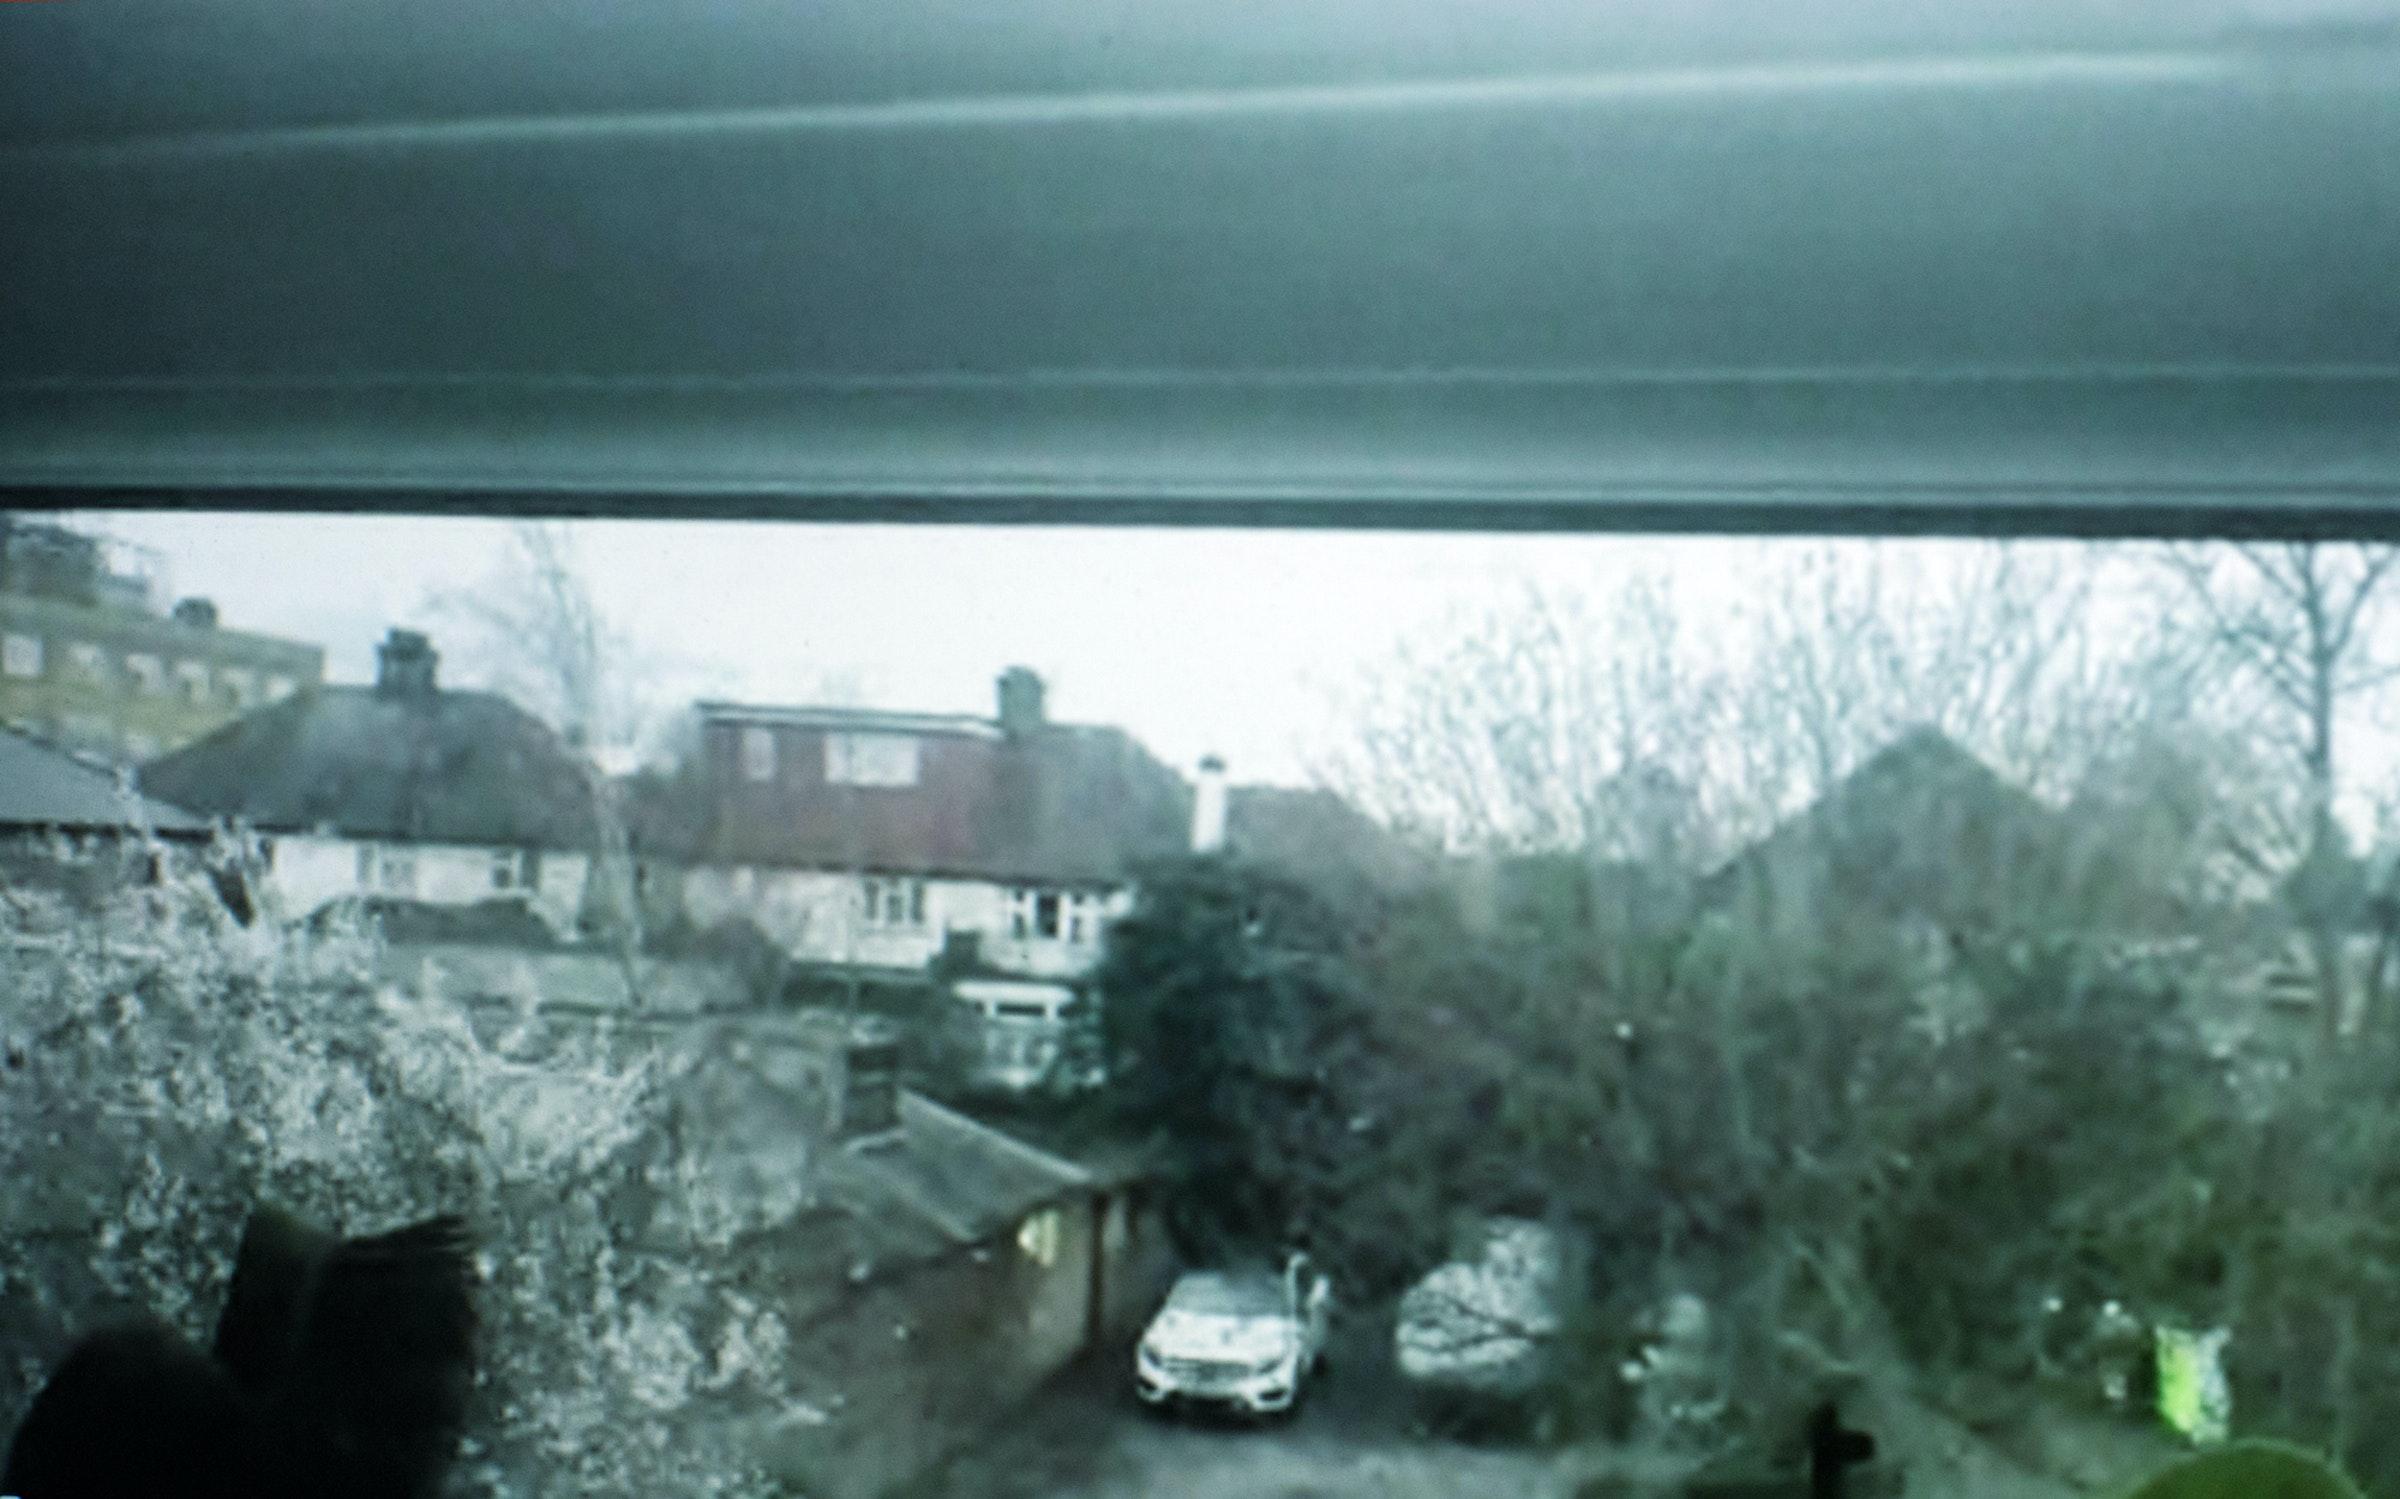 ロンドンの自宅から、zoom越しでの撮影